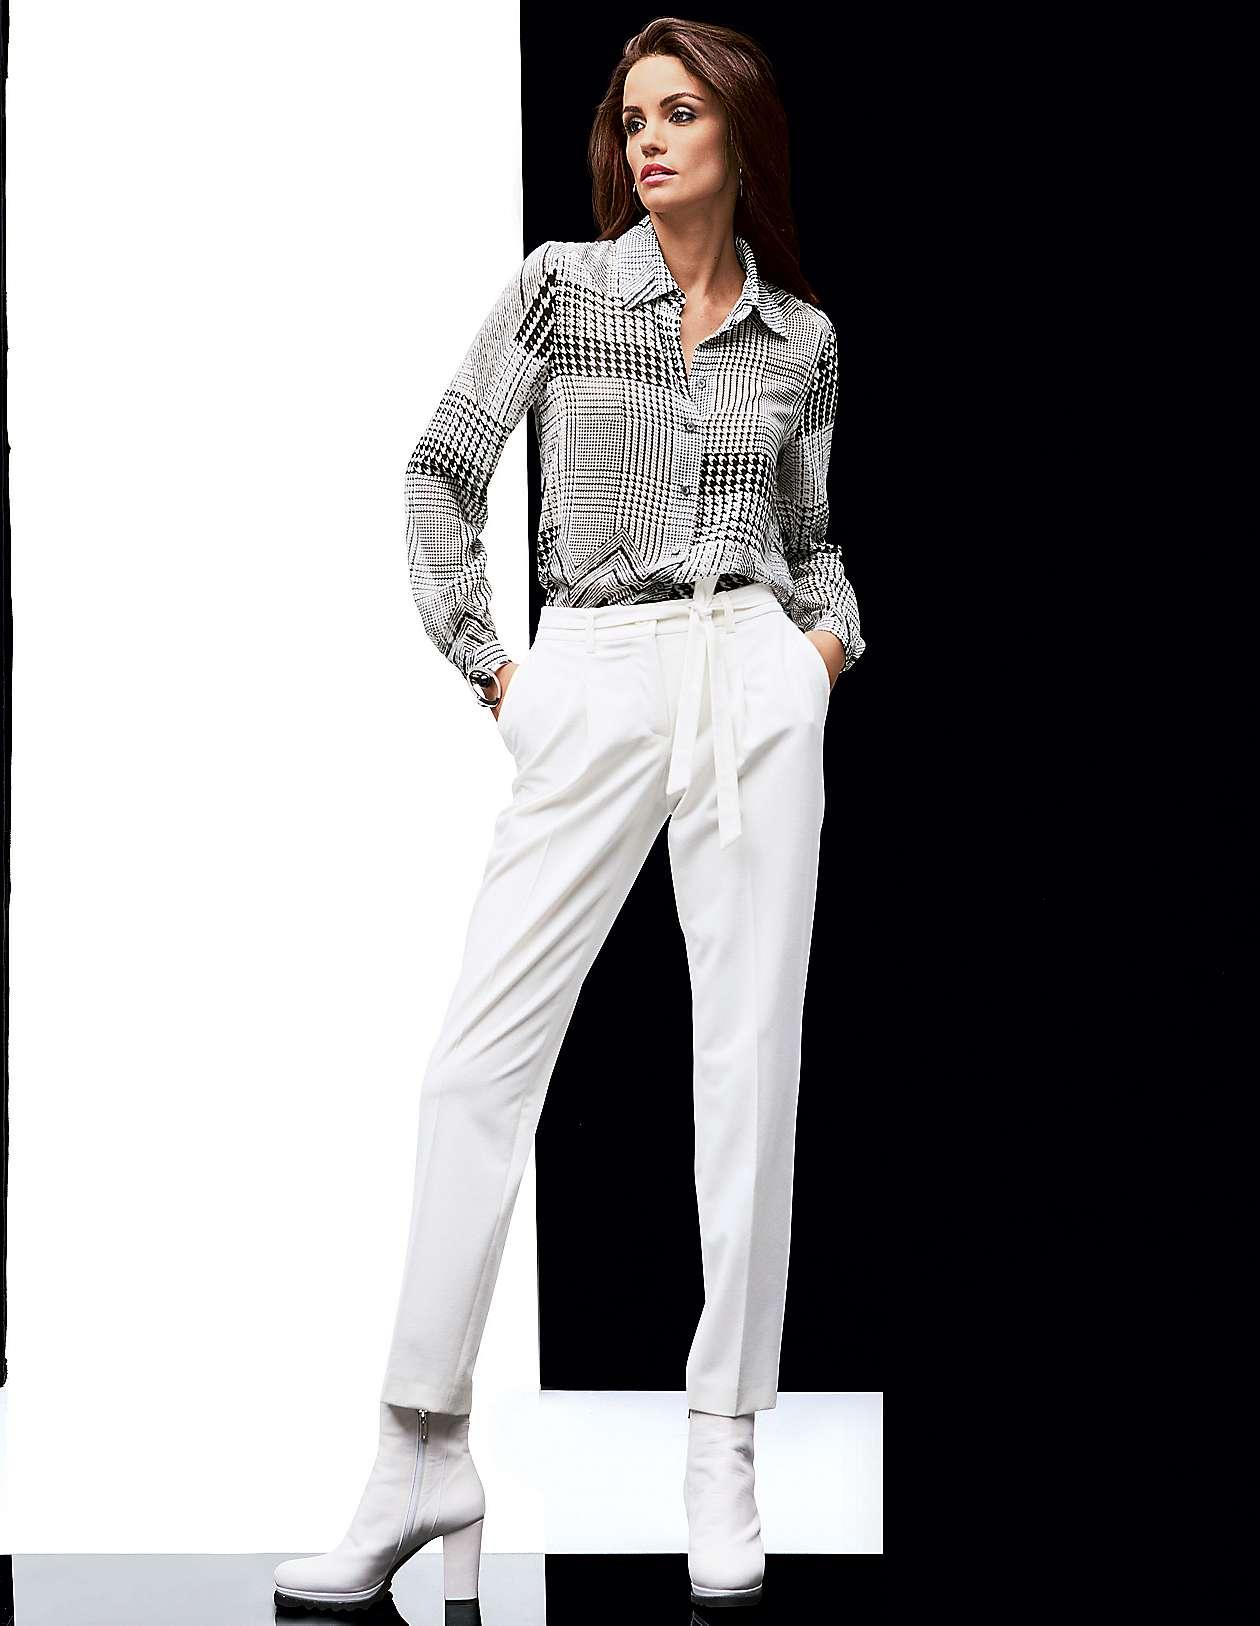 c356c374b3dec Elegante Blusen für festliche Anlässe online kaufen | MADELEINE Mode